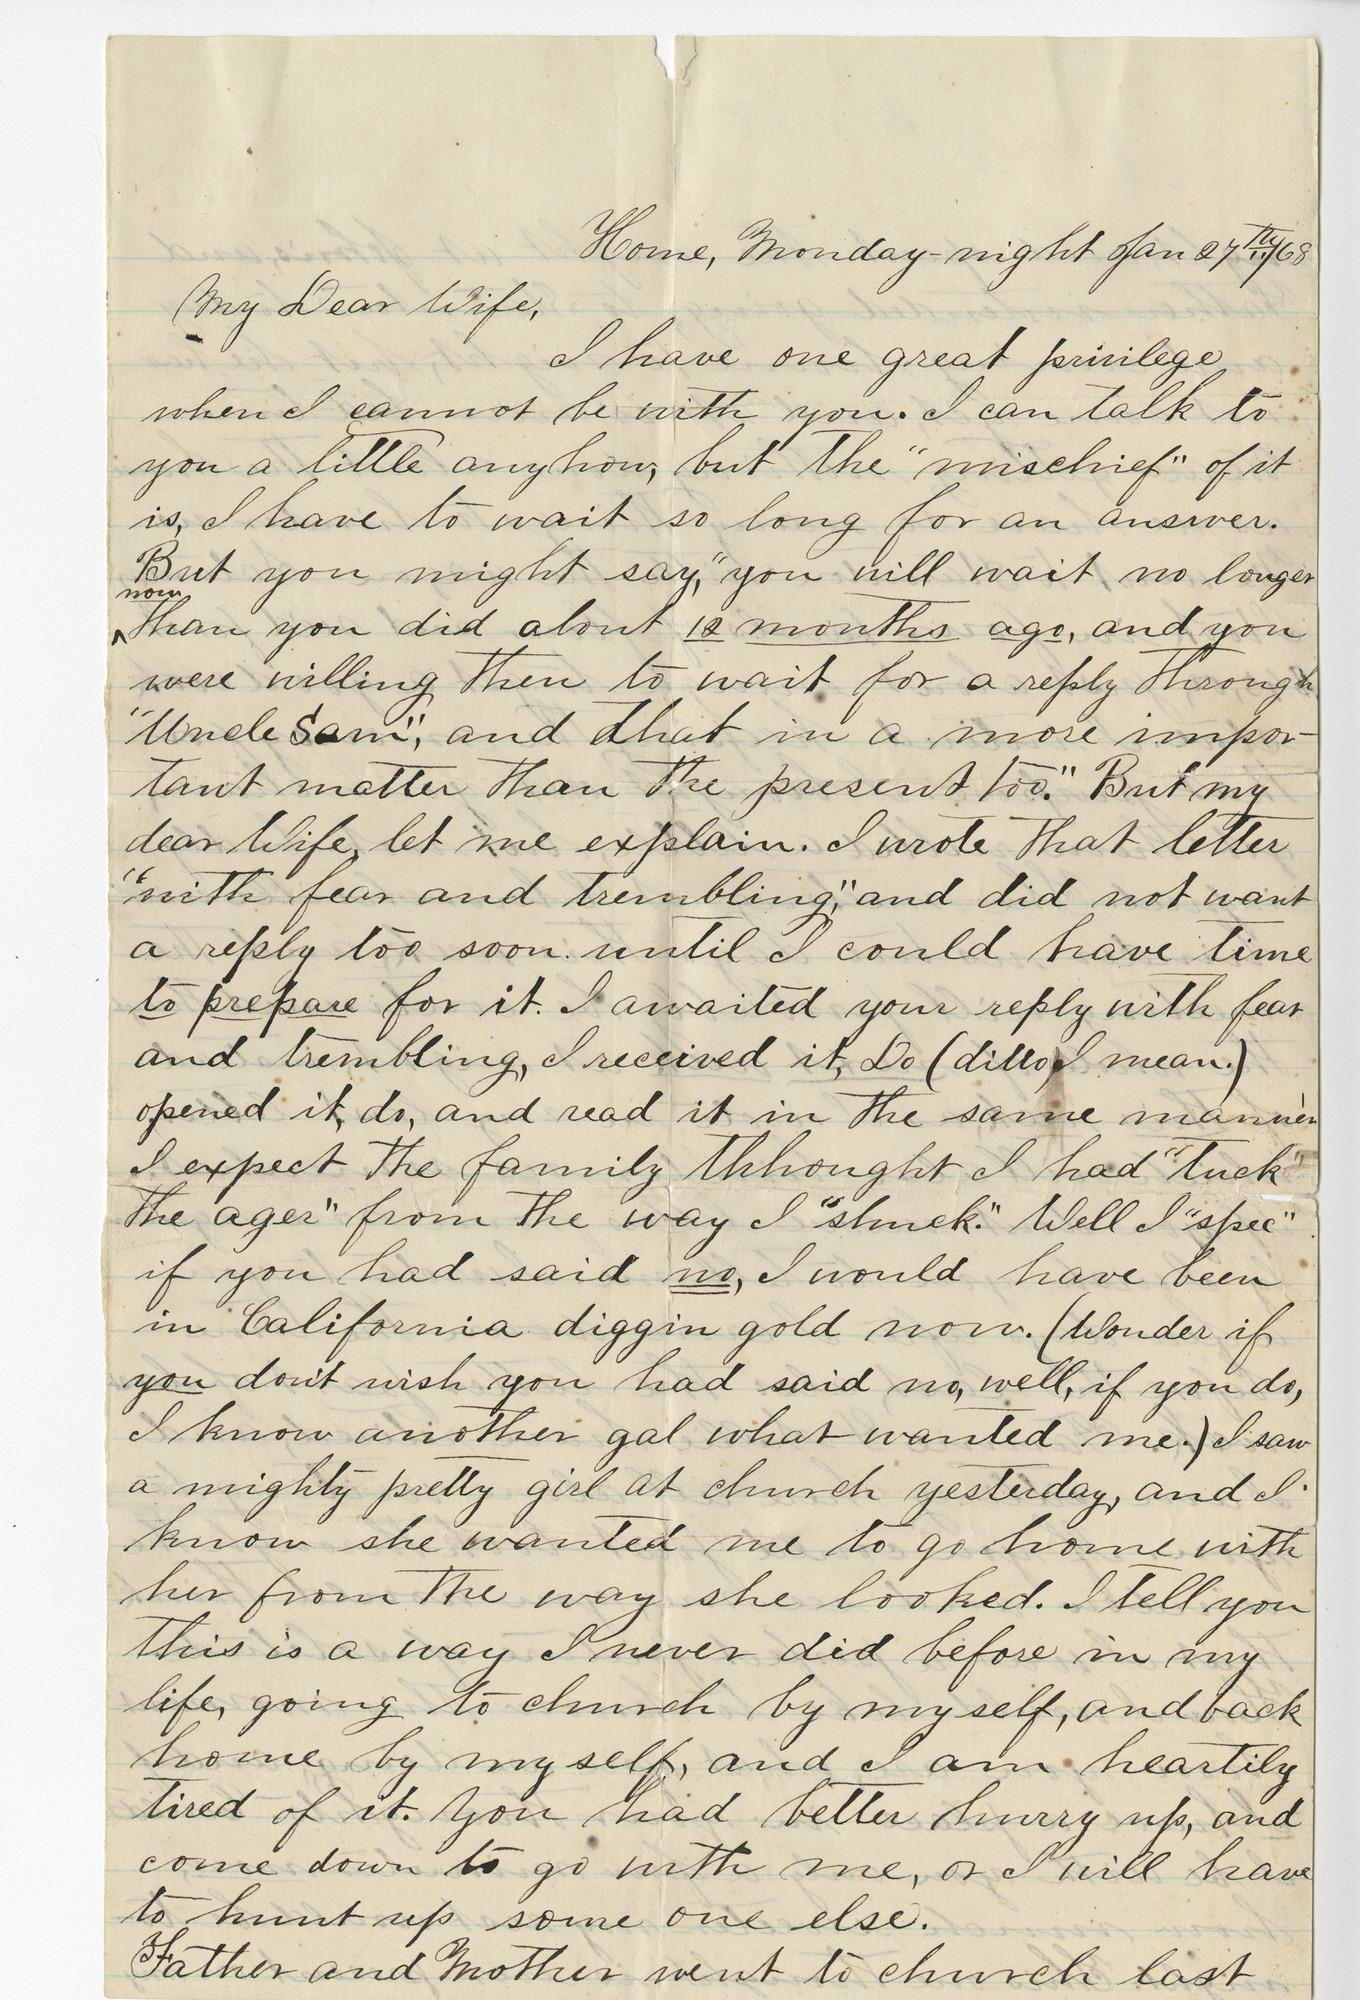 Ms2016-013_HeizerJames_Letter_1868_0127a.jpg